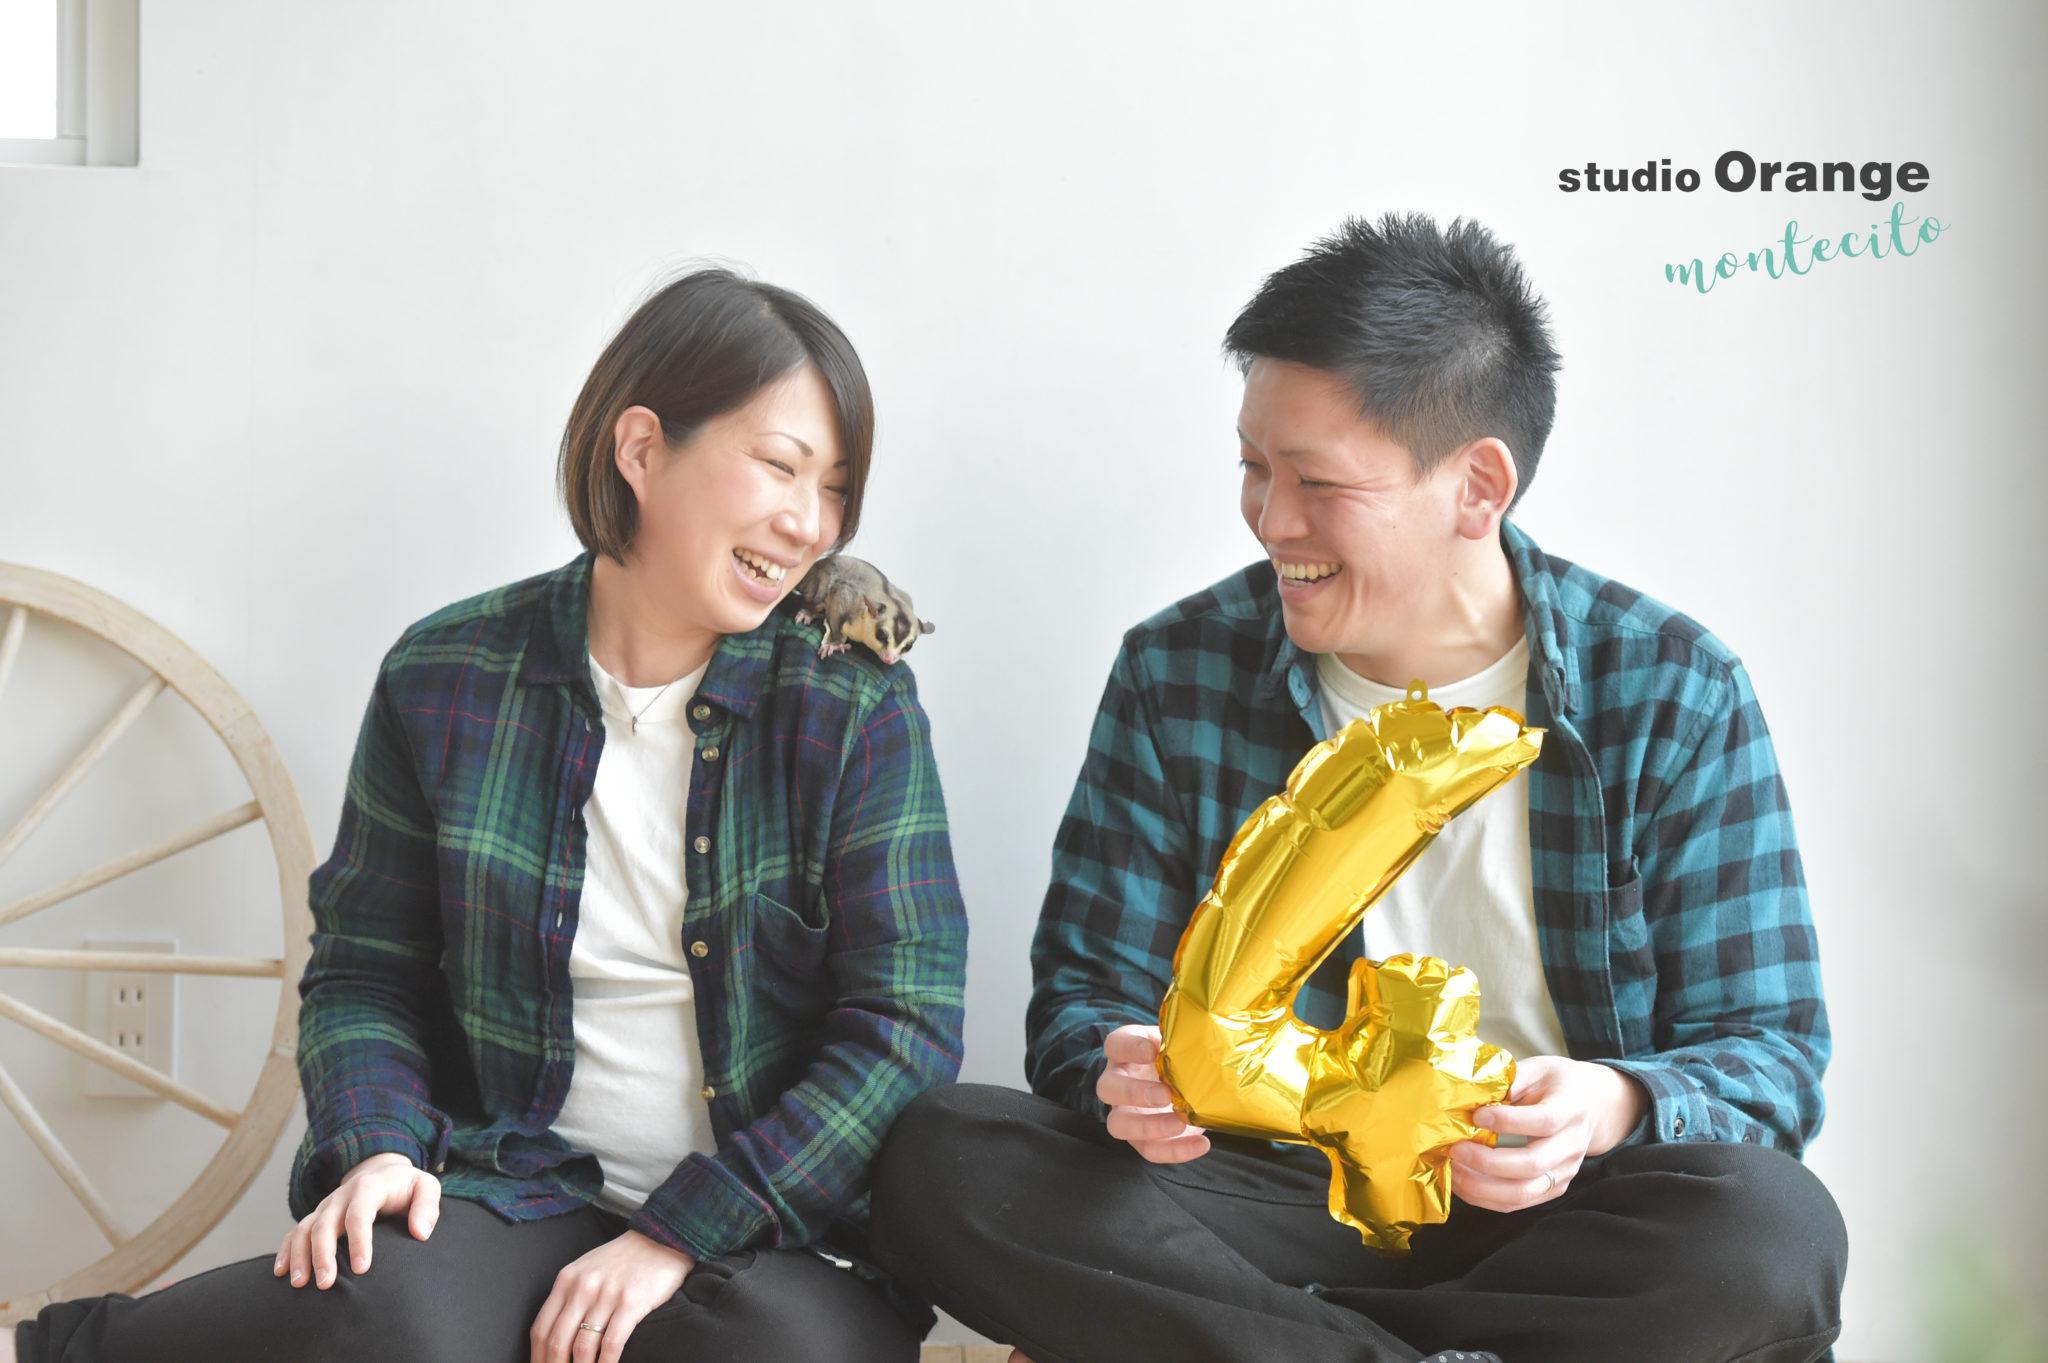 宝塚市 ペットフォト フクロモモンガ 家族写真